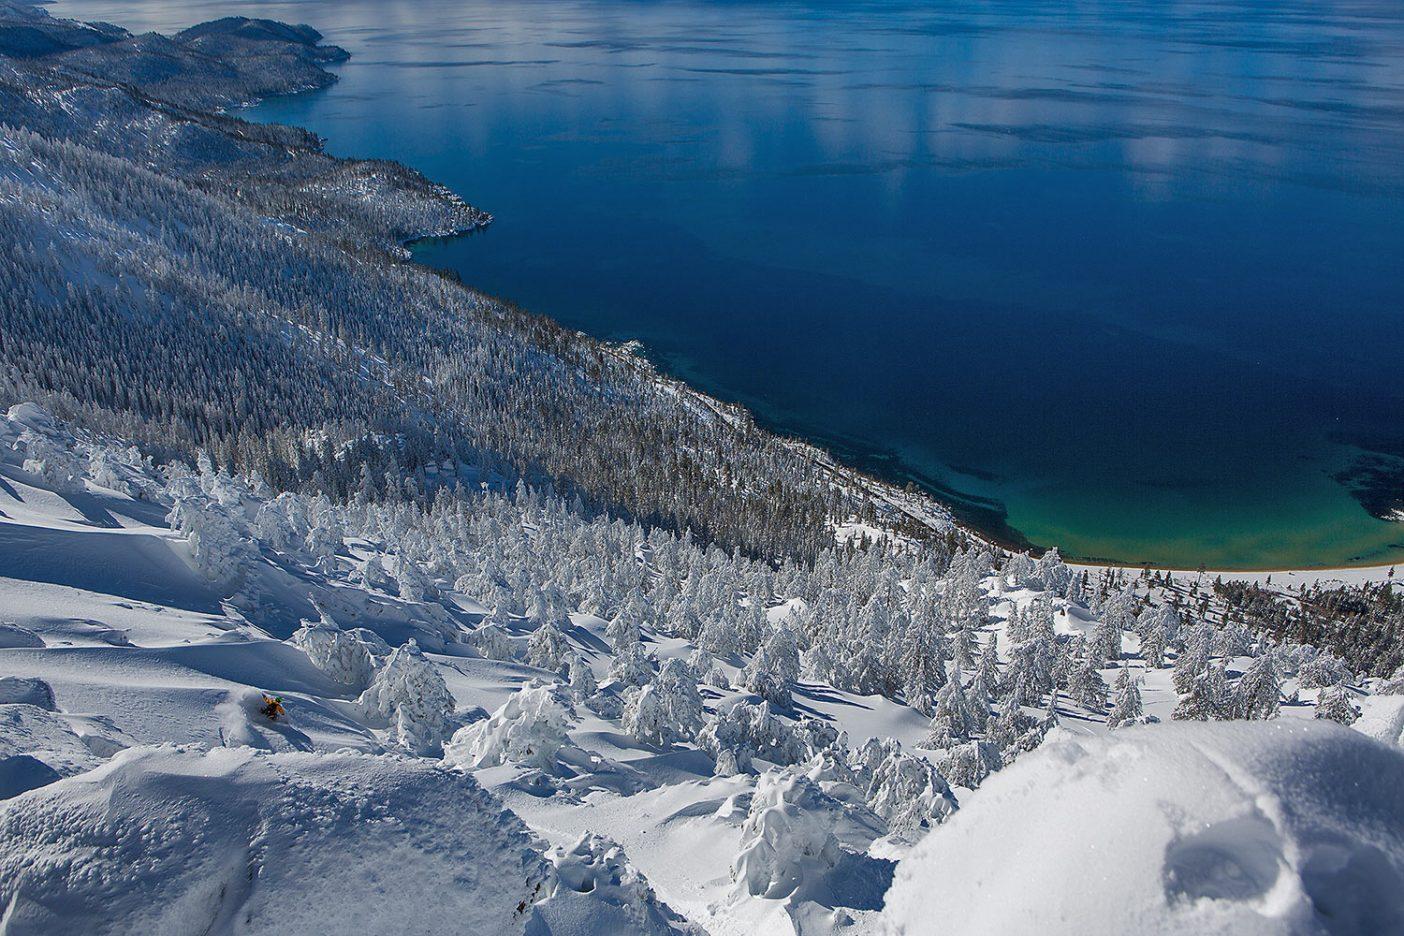 めったにお目にかかれない冬のあいだに湖まで一気に滑り降りるデイン・シャノン。 Photo: Ryan Salm